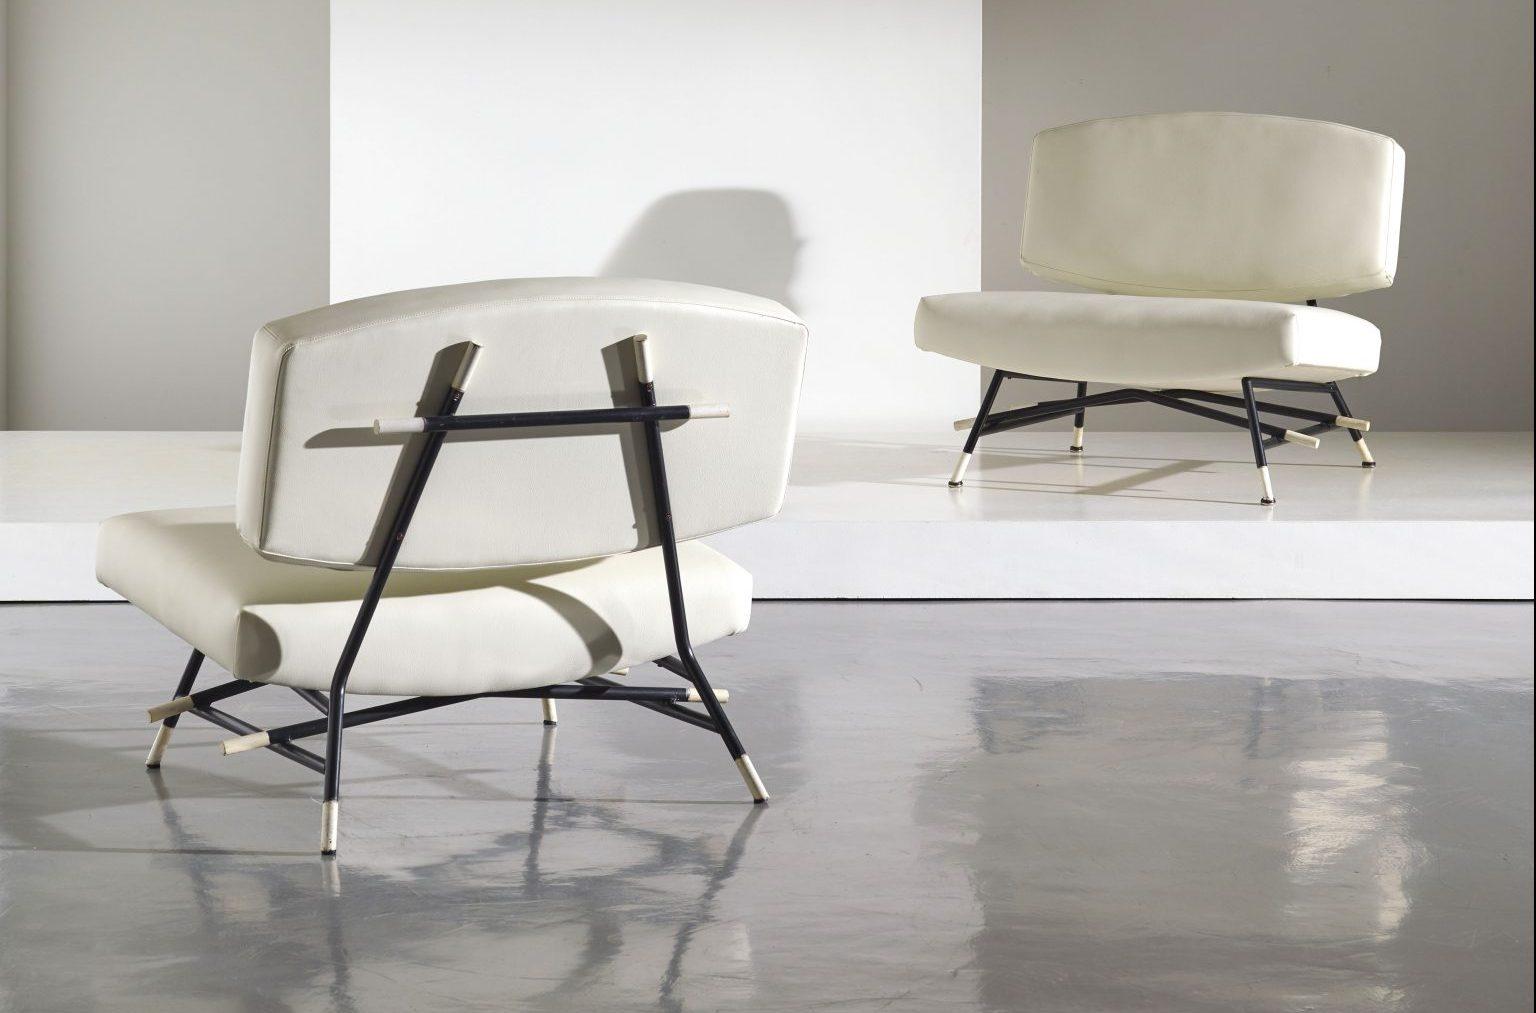 Parisi, Ponti, Sottsass: il Design da Wannenes vale 1,2 milioni di euro